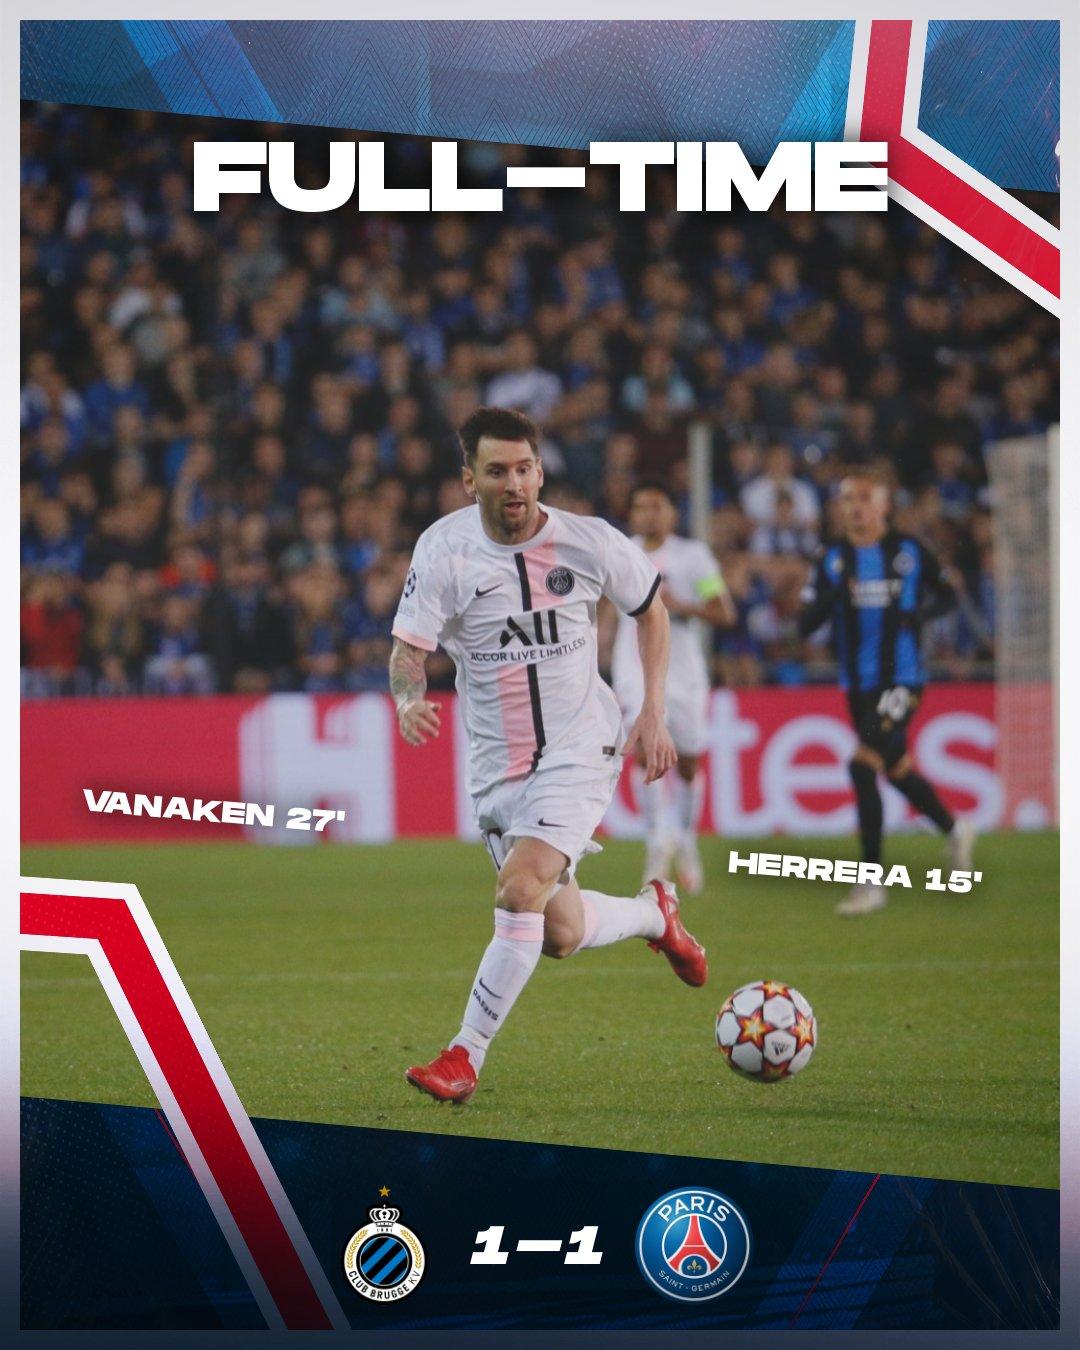 Tam tấu Messi-Neymar-Mbappe bất lực nhìn PSG mất điểm - Ảnh 1.